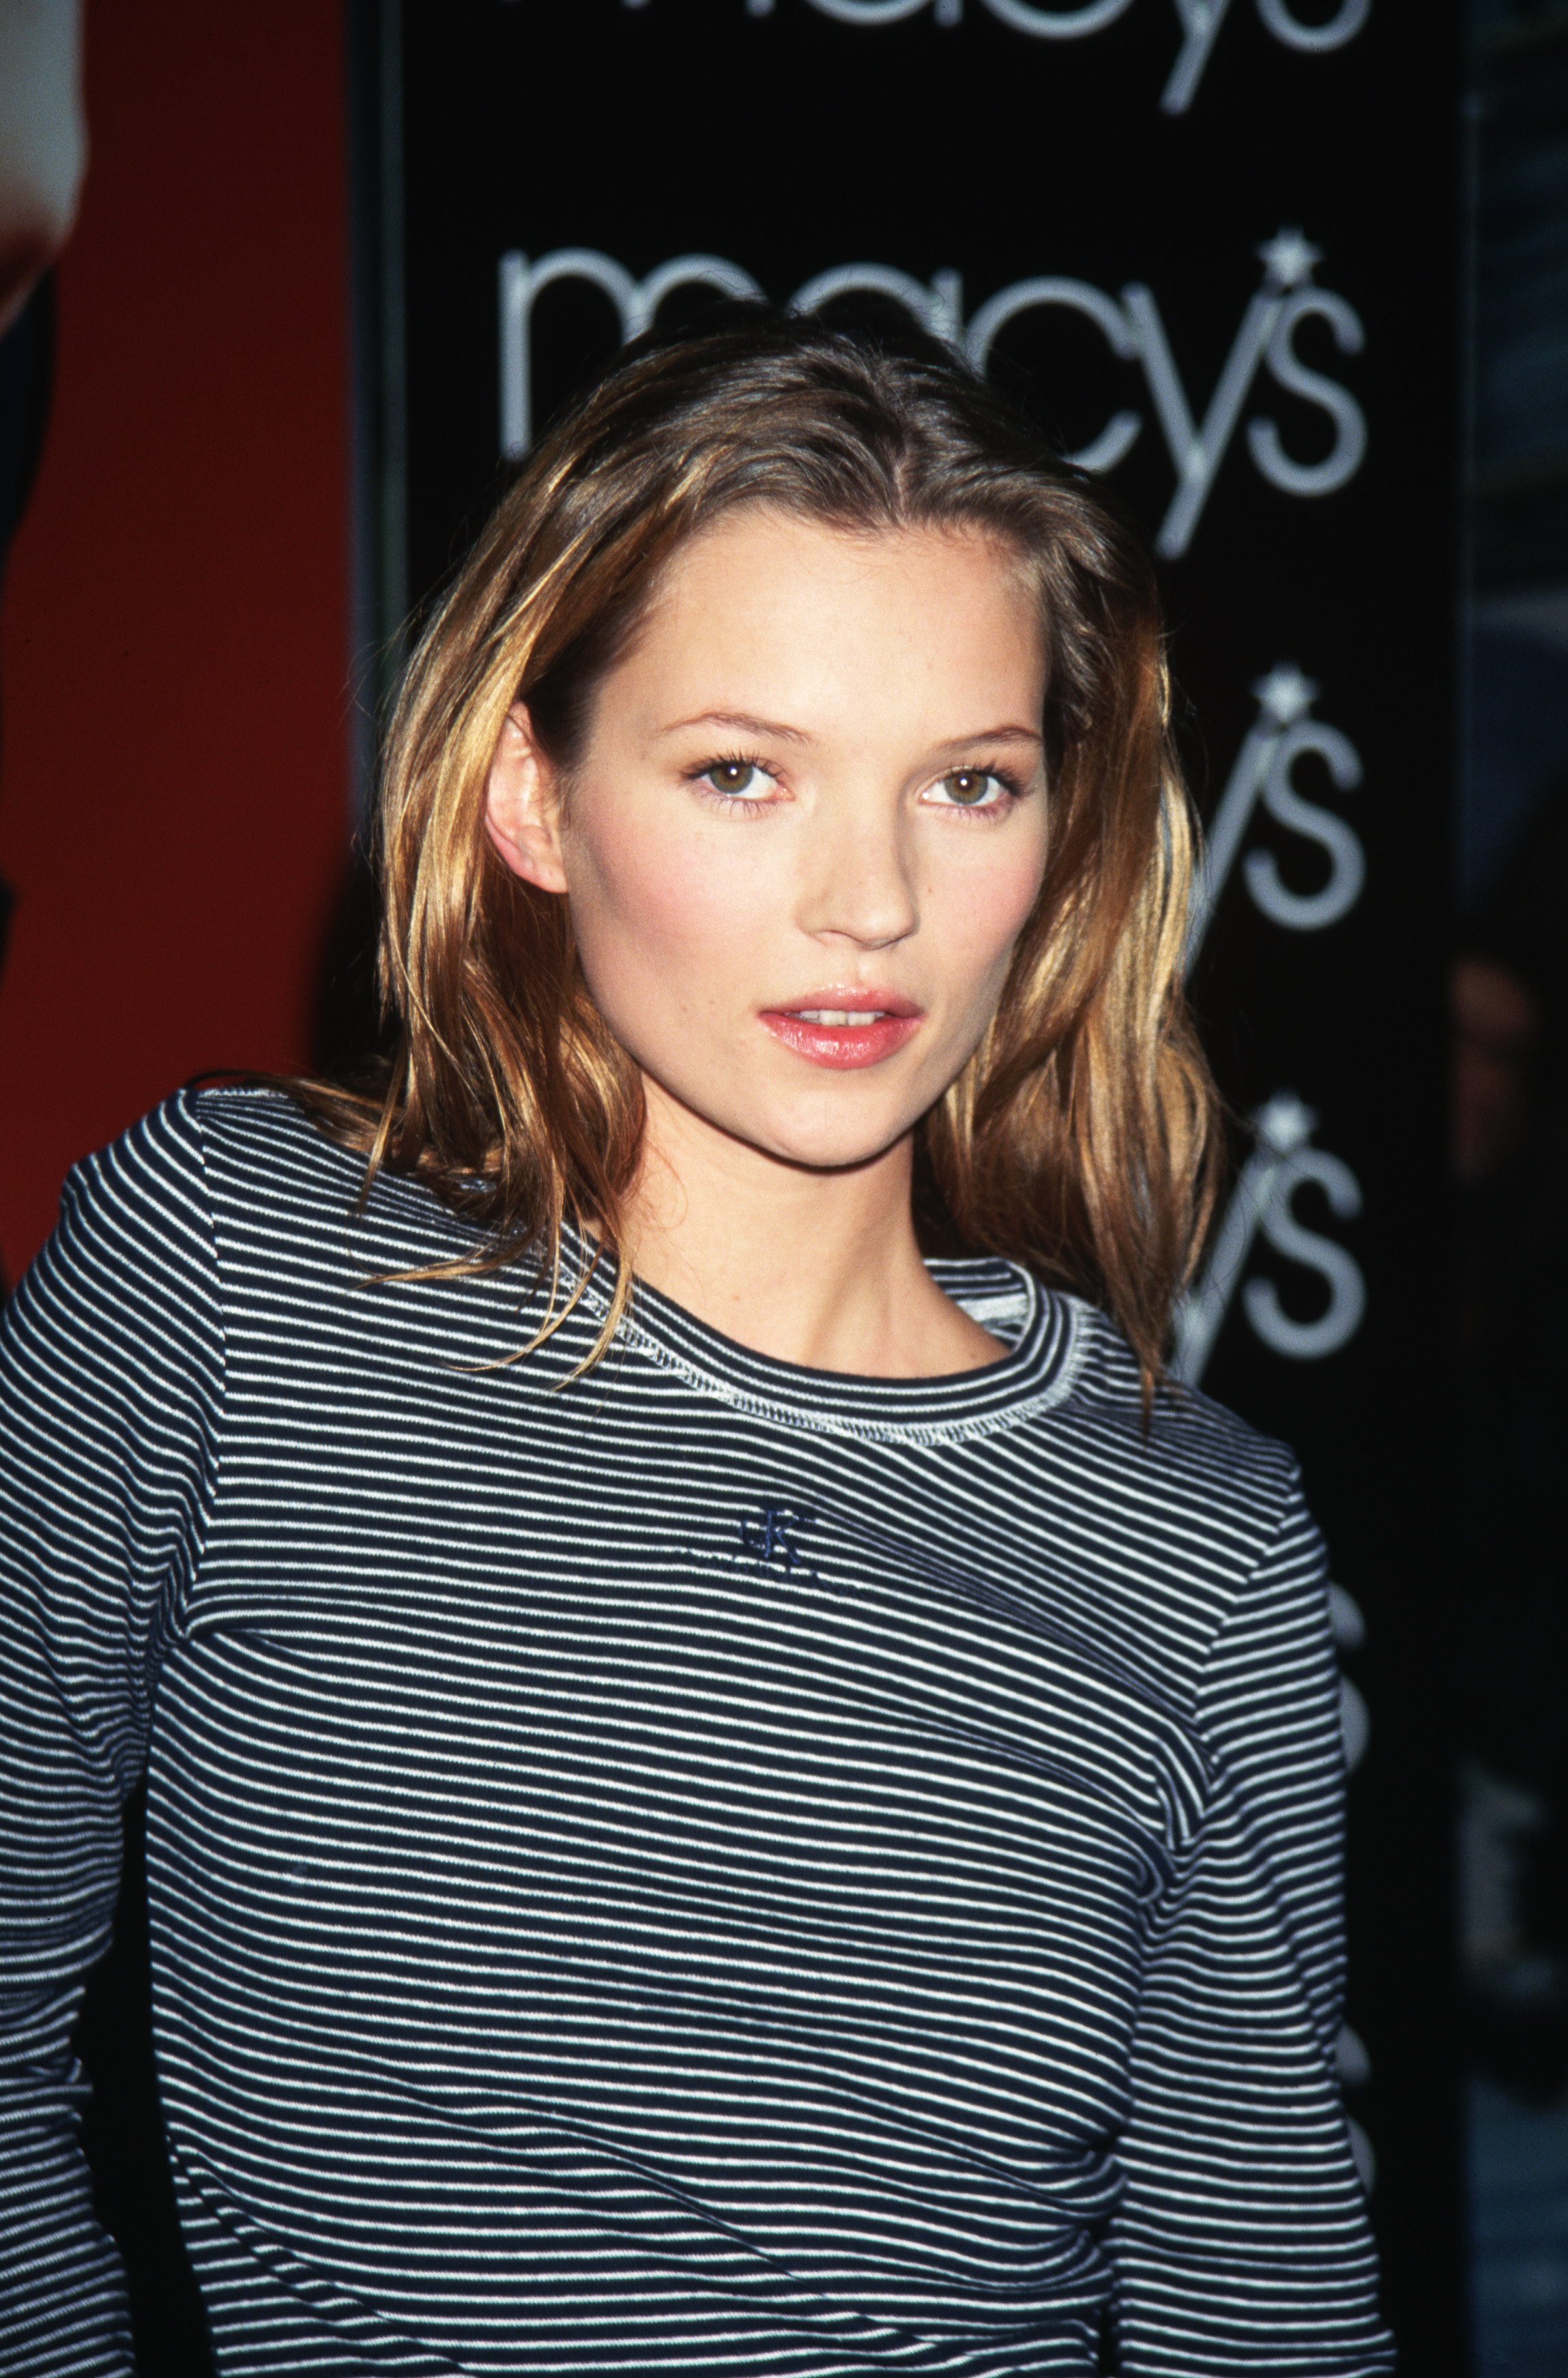 Kate Moss, modelo, cumpleaños, estilo